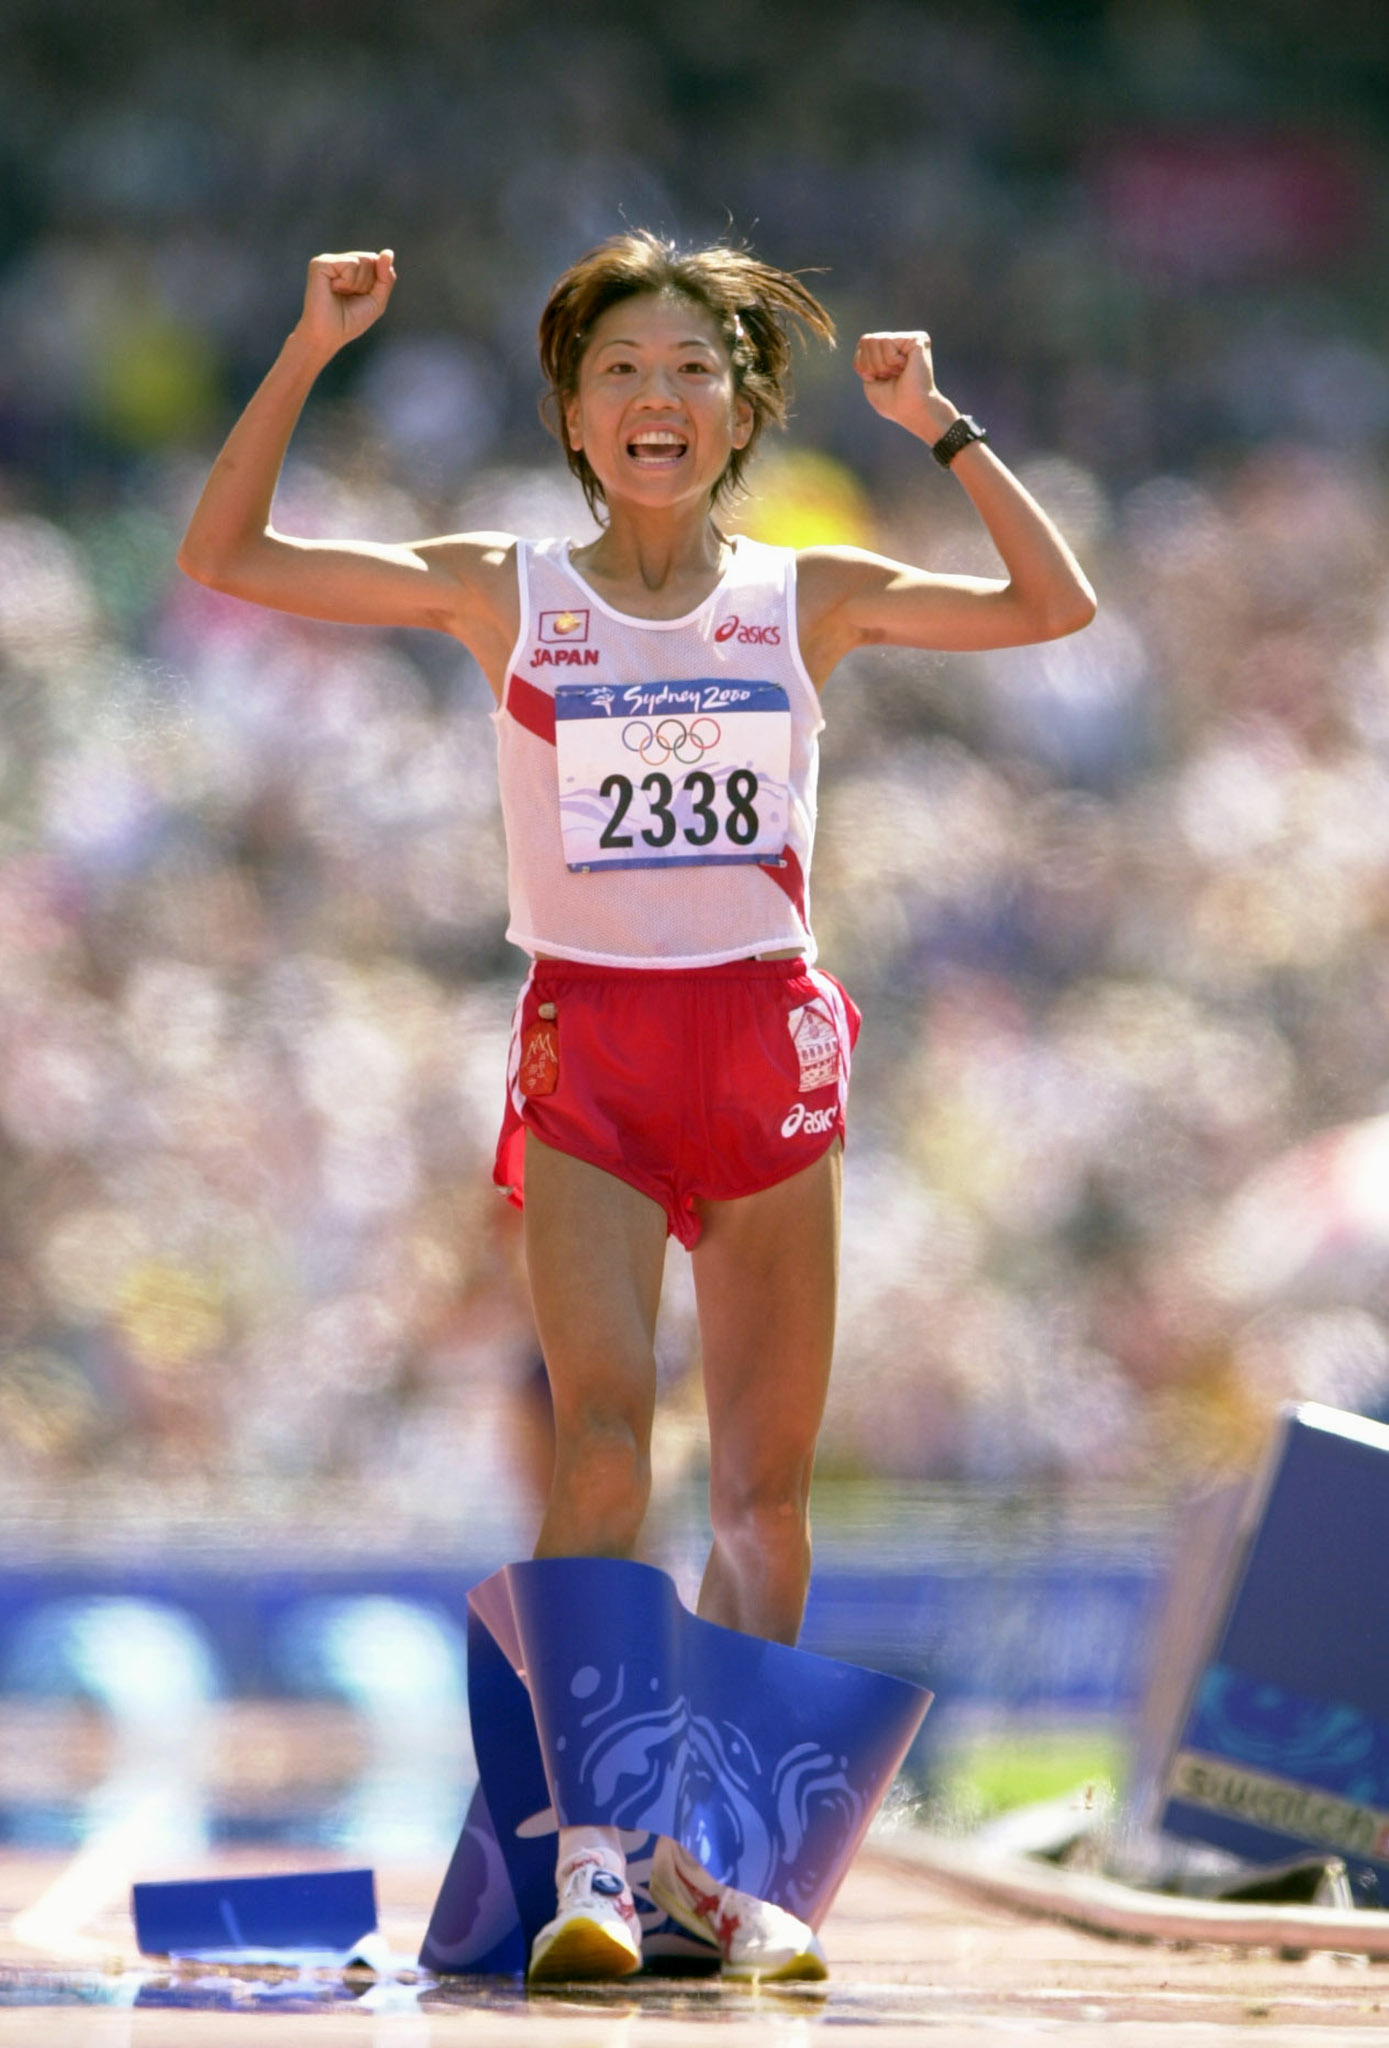 健康むしばむ競争はもうそろそろ改める時期思春期女子の将来守れ、五輪メダリスト指導者の提言